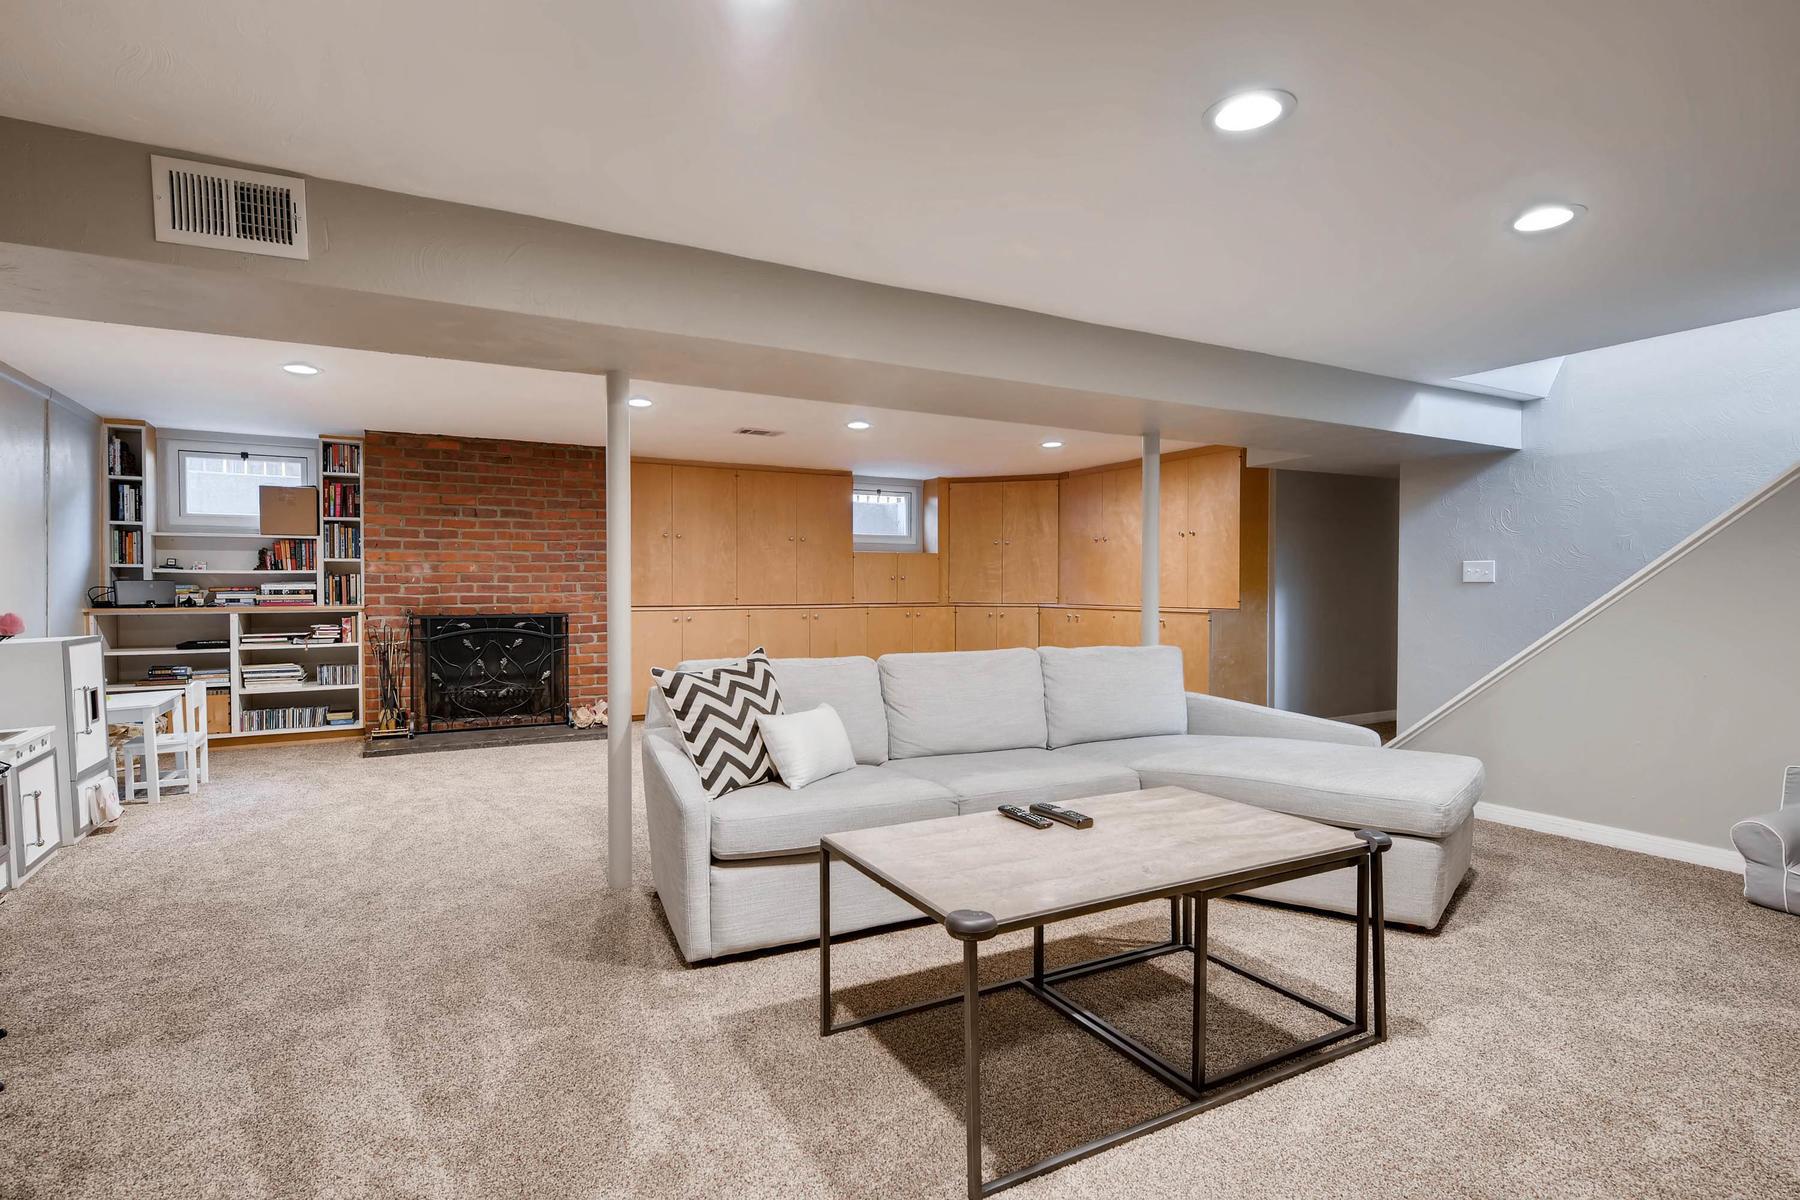 6676 S Kit Carson St-MLS_Size-019-25-Lower Level Family Room-1800x1200-72dpi.jpg